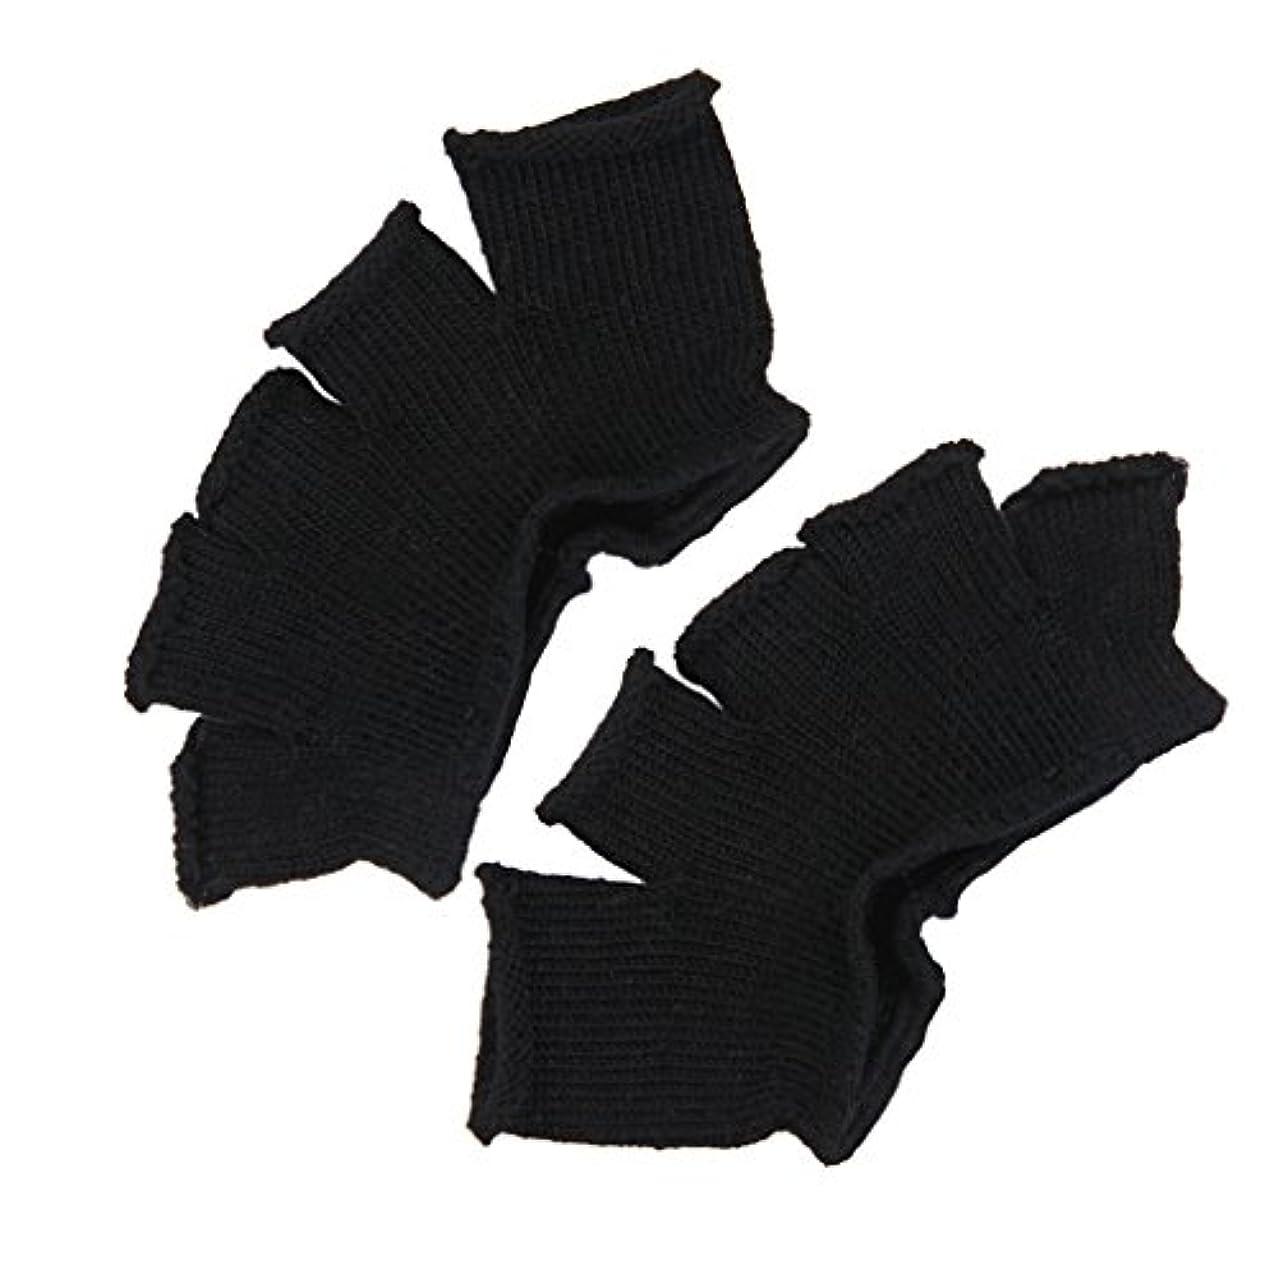 サドル他にエレメンタルFootful 5本指カバー 爽快指の間カバー 2枚組 男女兼用 足の臭い対策 抗菌 防臭 フットカバー (ブラック)